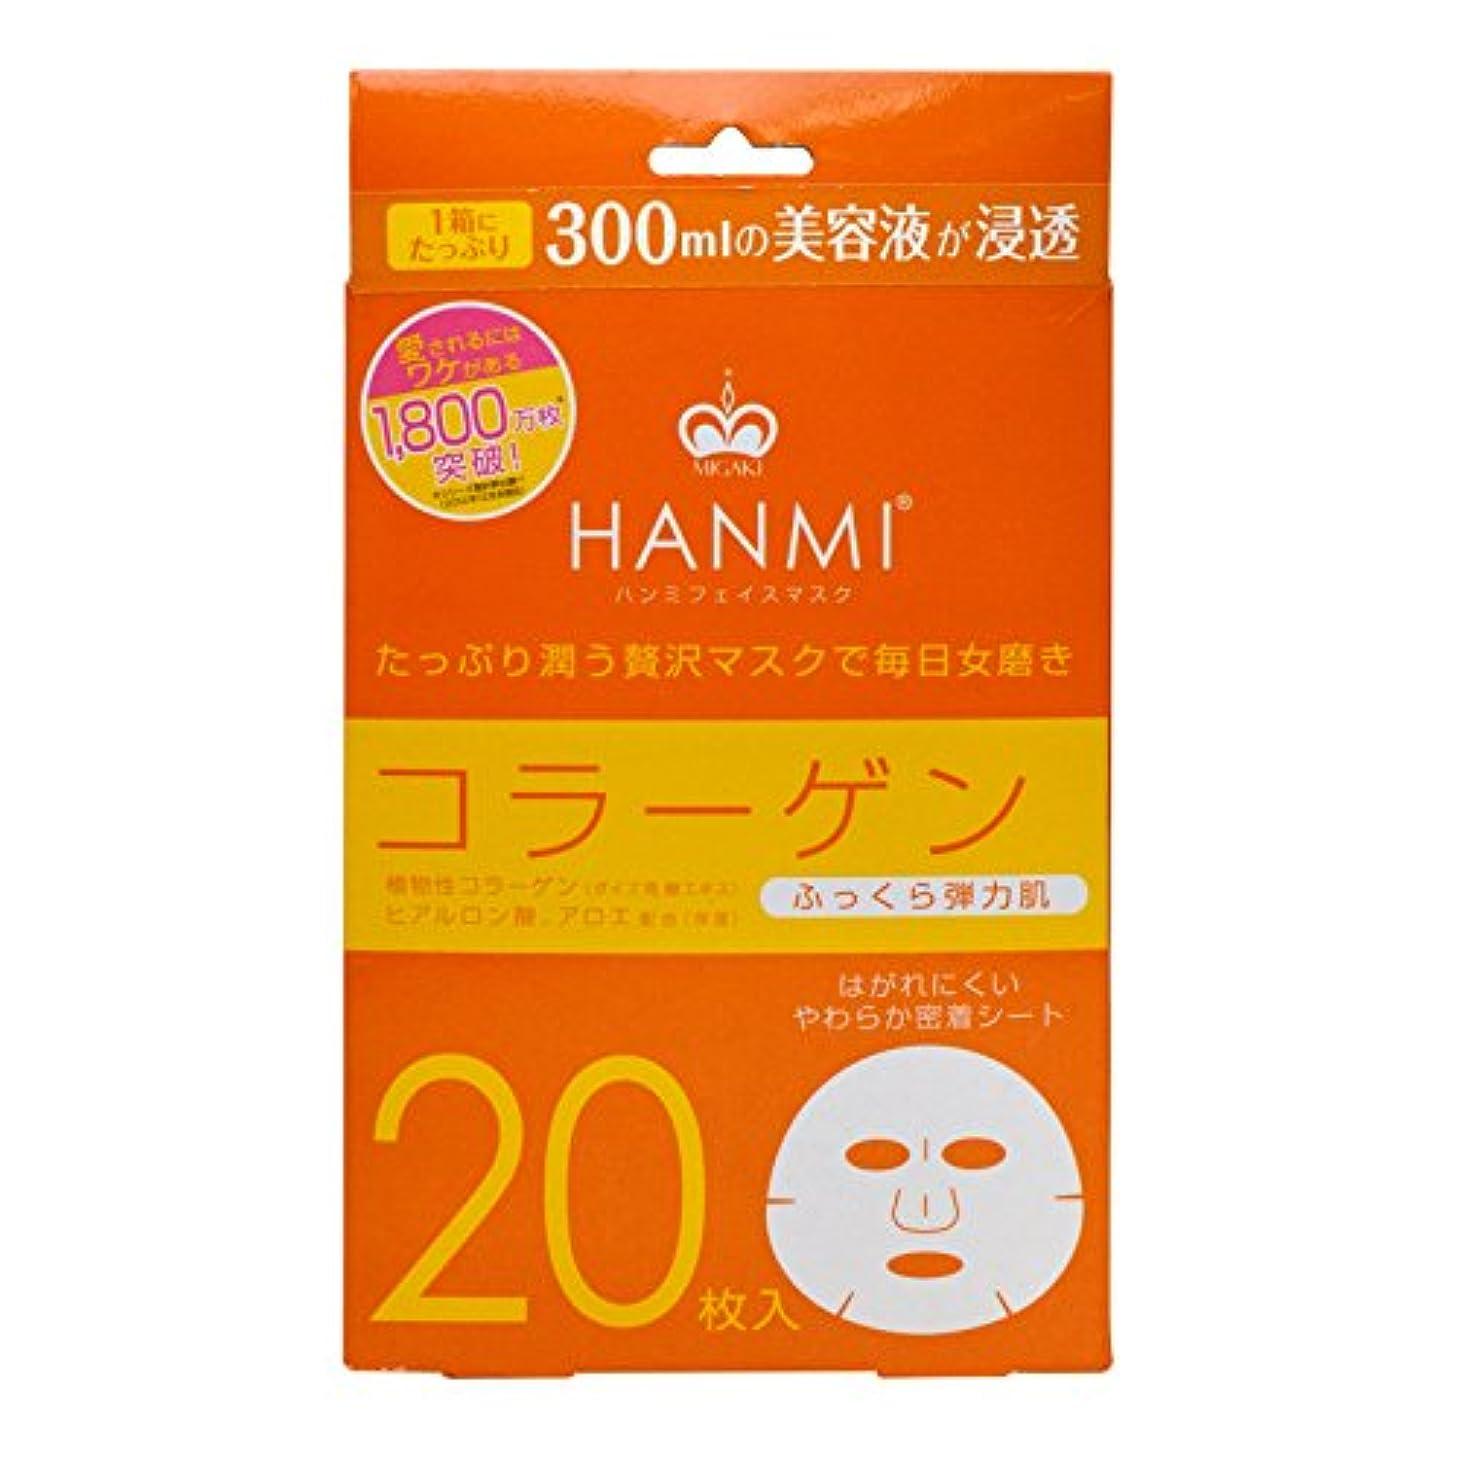 撤退ランチョンフェードMIGAKI ハンミフェイスマスク コラーゲン 20枚入り